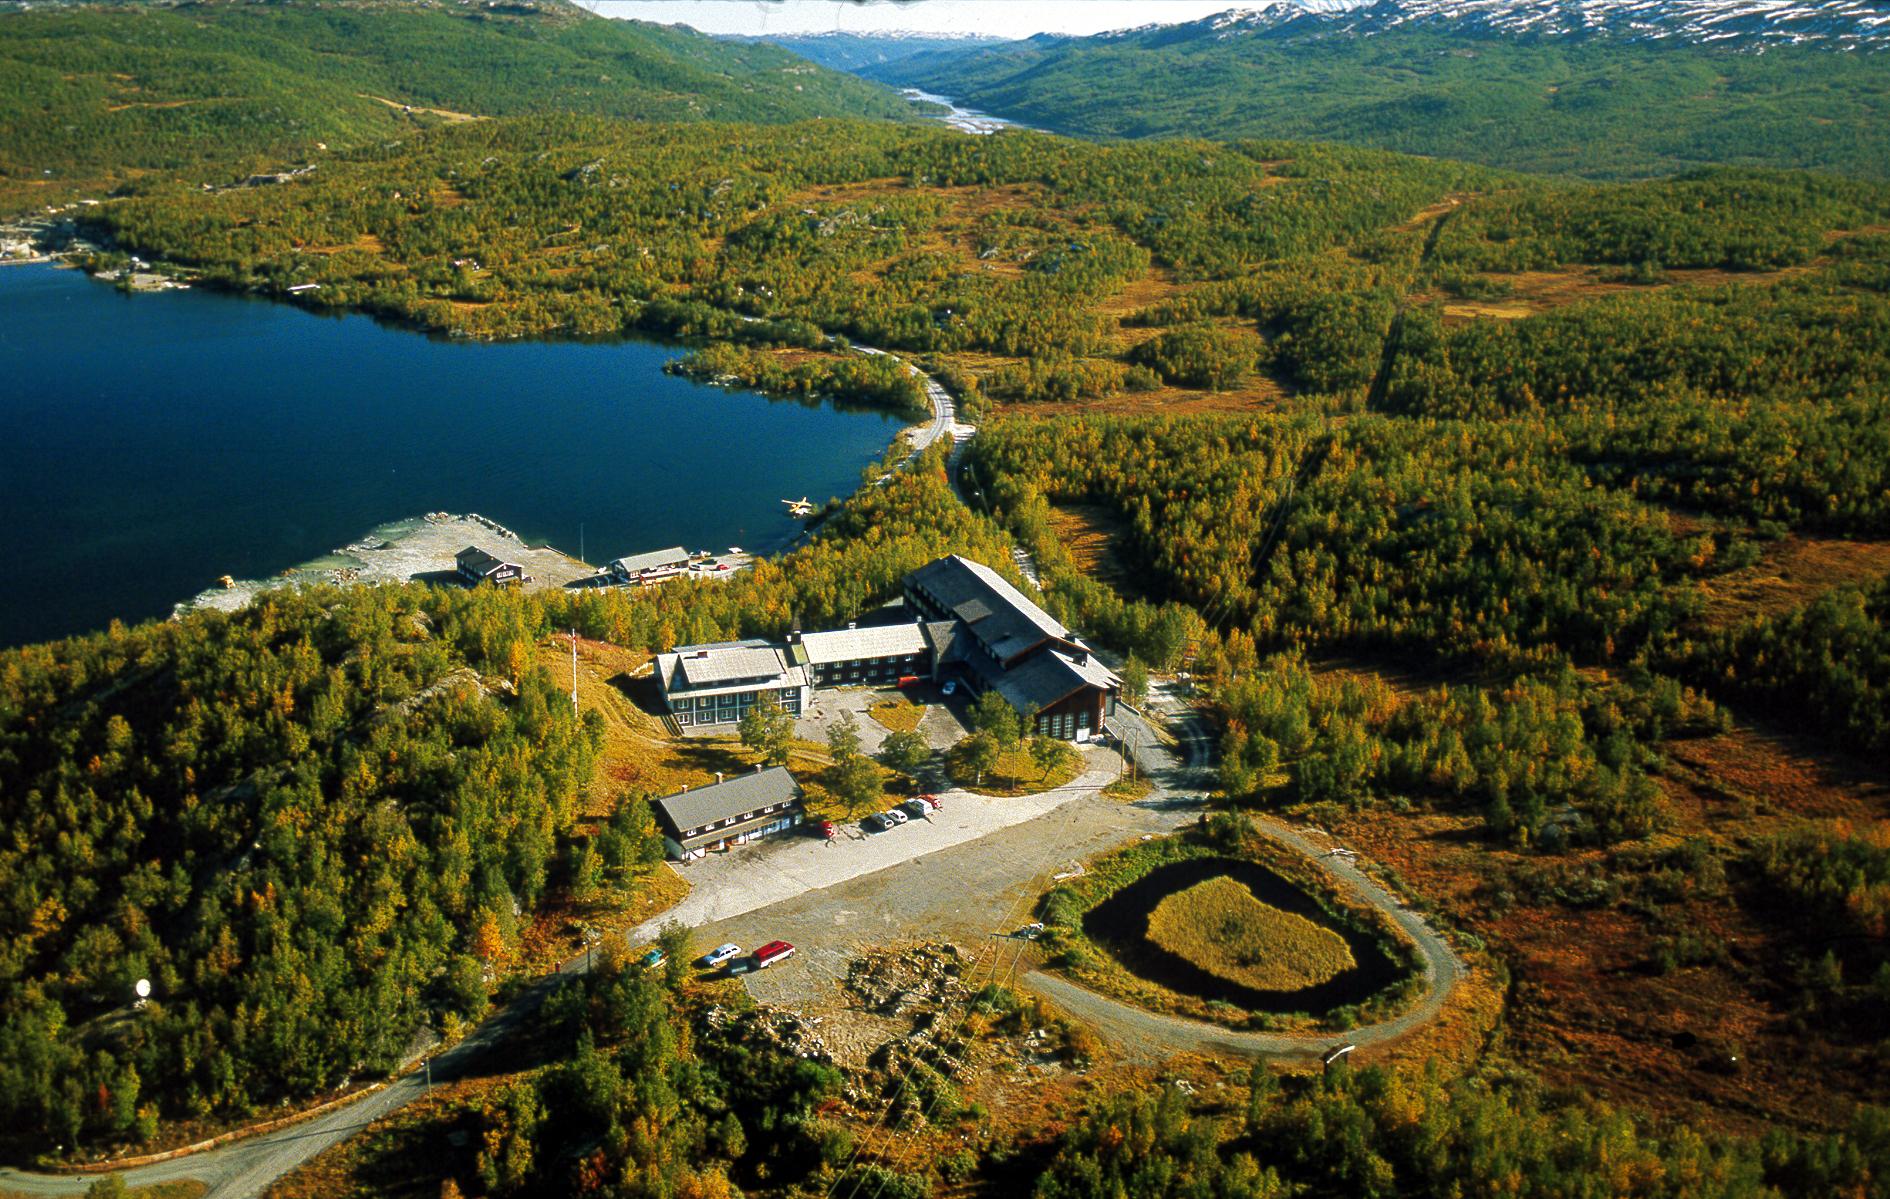 Møsvatn/Skinnarbuområdet finnes det i alt fem sykkelruter fra 8 km til 14 km.De fleste rutene egner seg godt for barnefamilier. Turene går i vakker natur, alt fra fjelldaler til Hardangerviddas bølgende landskap. , © visitRjukan AS